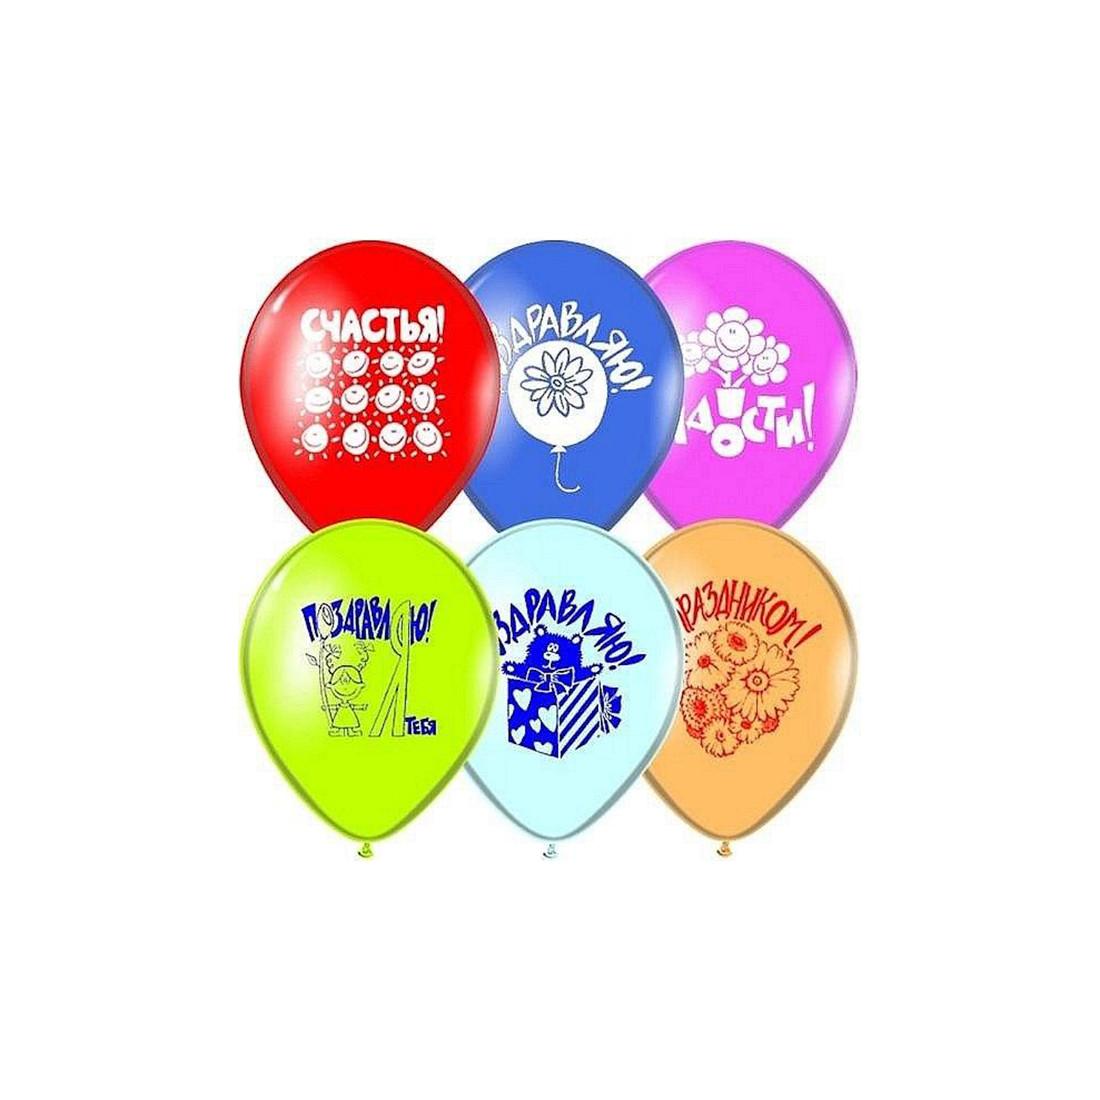 Воздушные шарики ВЕСЁЛАЯ ЗАТЕЯ, 1111-0033 (1111-0835), Поздравления, (30 шт. в пакете), размер 30см